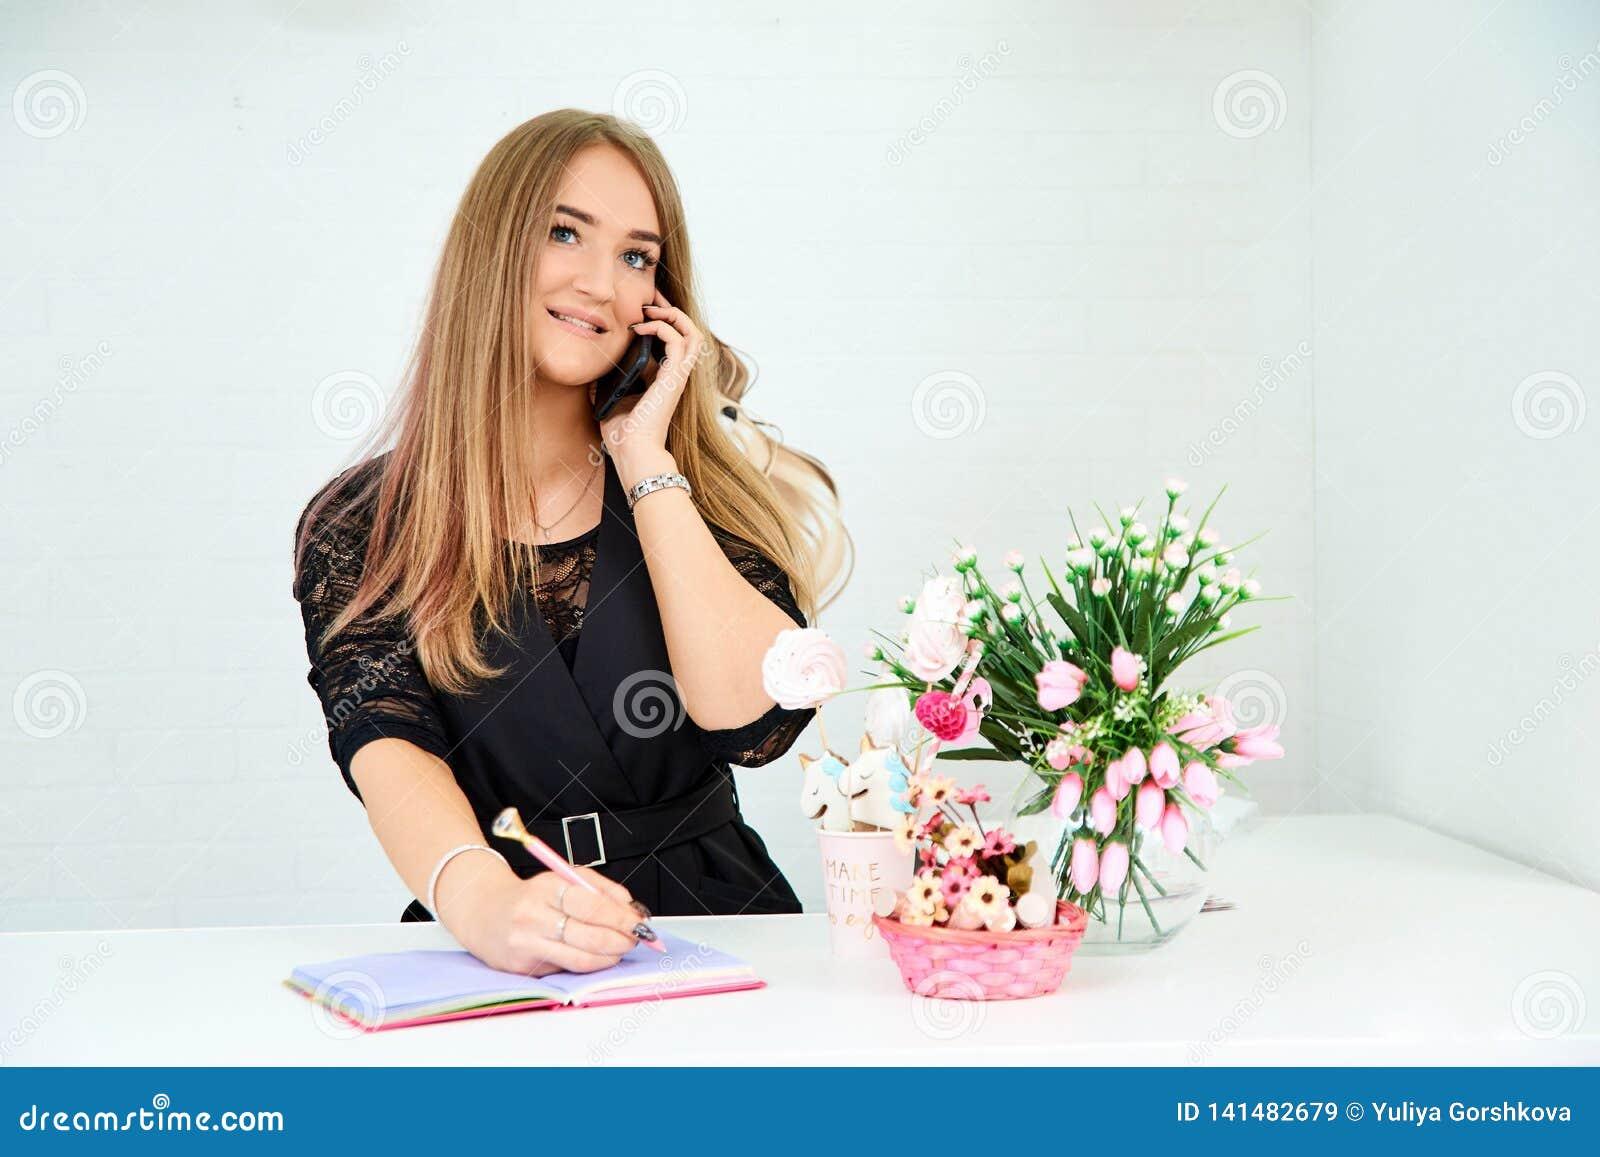 το όμορφο ευρωπαϊκό κορίτσι παίρνει μια κλήση στο τηλέφωνο και γράφει σε ένα σημειωματάριο σε ένα άσπρο υπόβαθρο Εδώ κοντά είναι